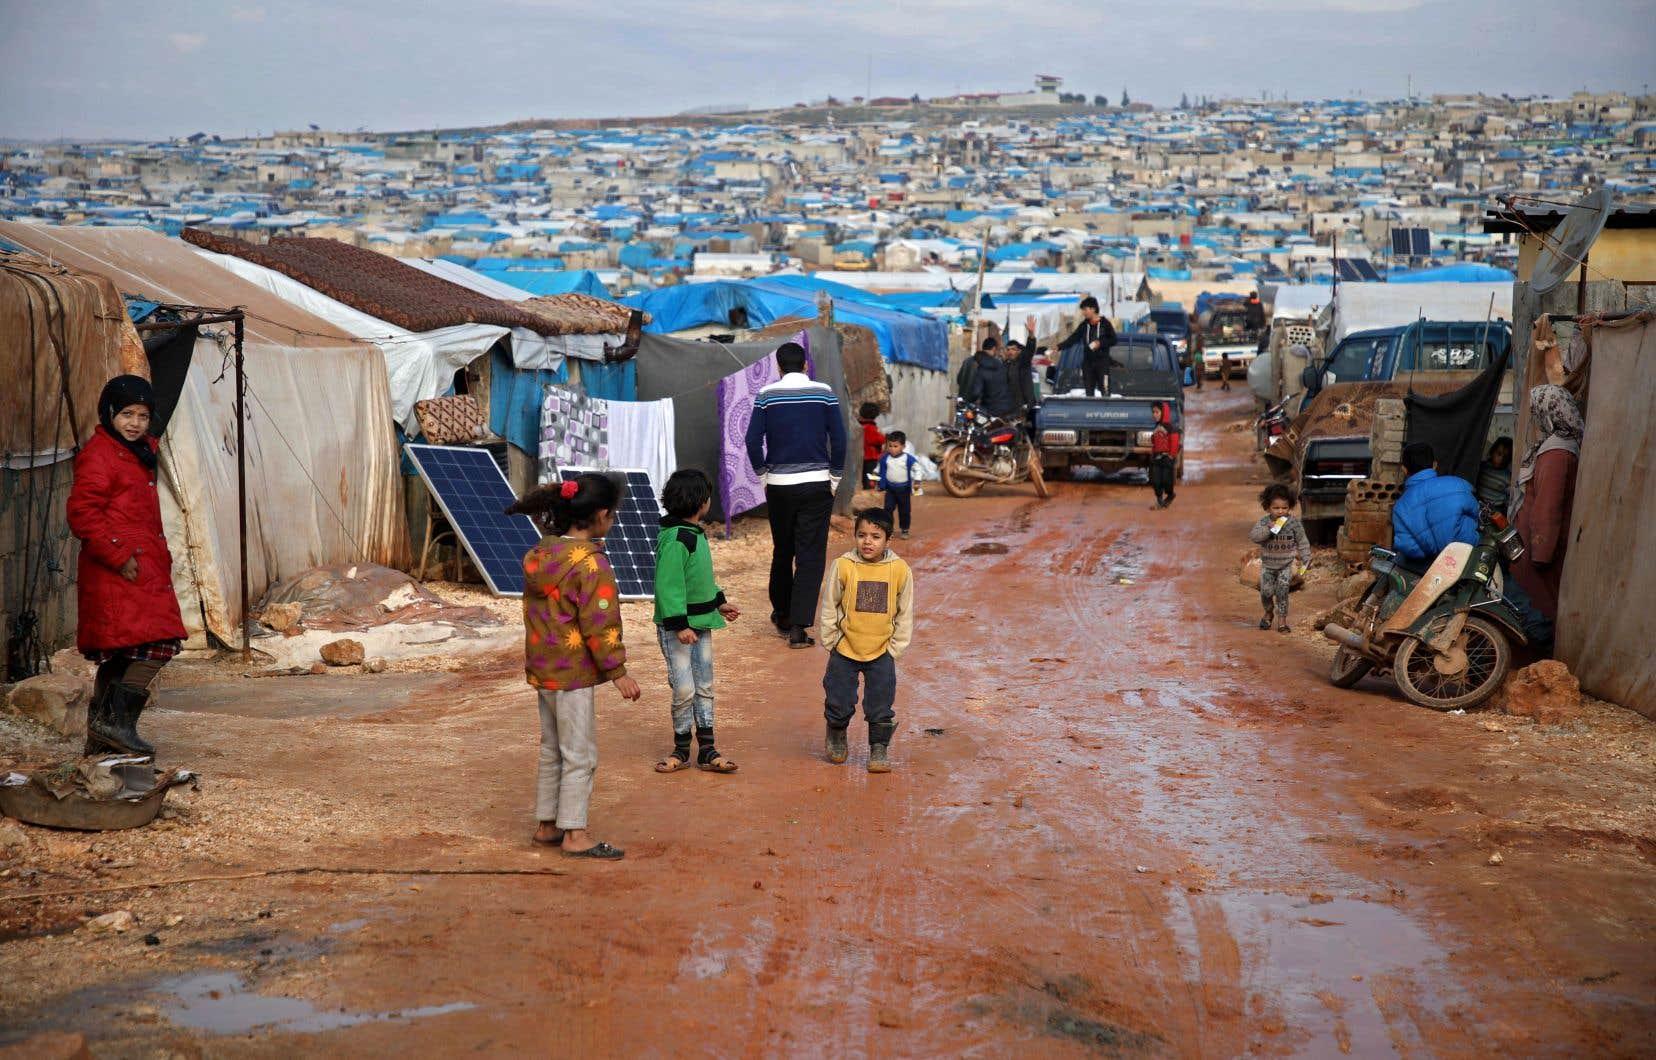 Un camp de personnes déplacées à Atme, une zone de la province d'Idlib qui échappe au contrôle du régime.